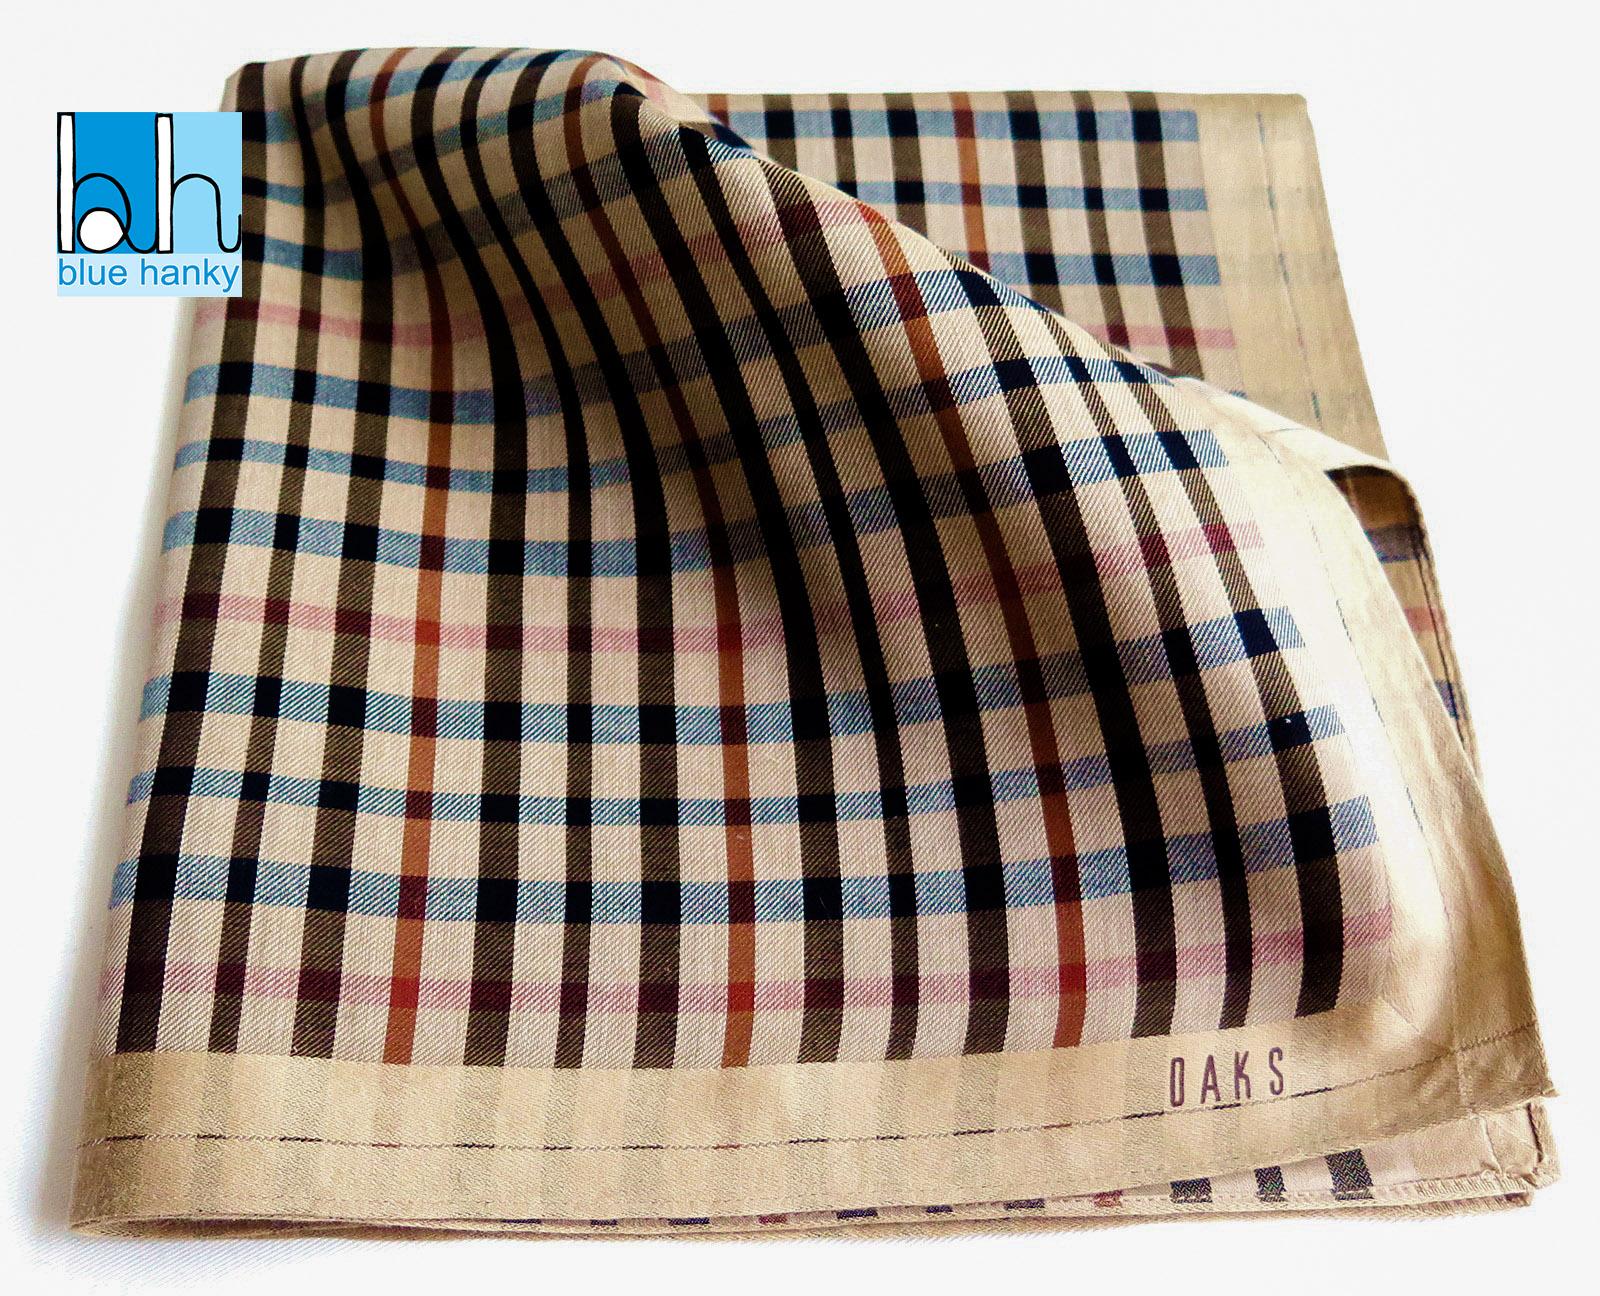 """#178 19"""" DAKS ผ้าเช็ดหน้ามือ2 สภาพดี ผ้าเช็ดหน้าผืนใหญ่"""